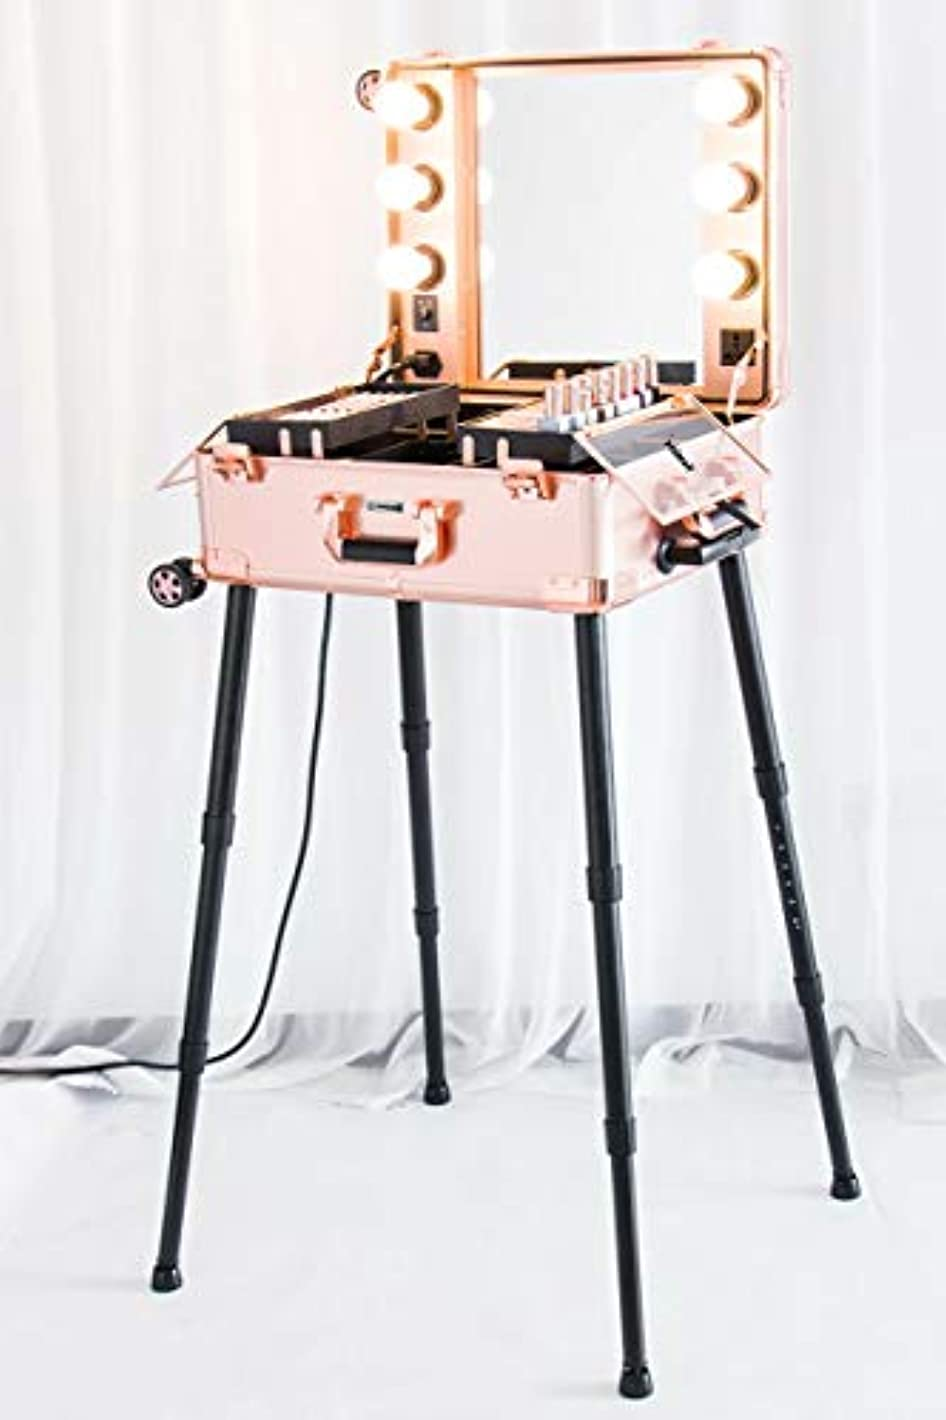 悪用資格情報キロメートルKemier 頑丈な化粧ケースプロ アーティスト スタジオ化粧列車4つ ローリングホイール&ライト付きテーブル&ミラープロ メイクアップステーションカバーボードと簡単にきれいな拡張トレイ調整可能な足 腰椎クッション-2412...